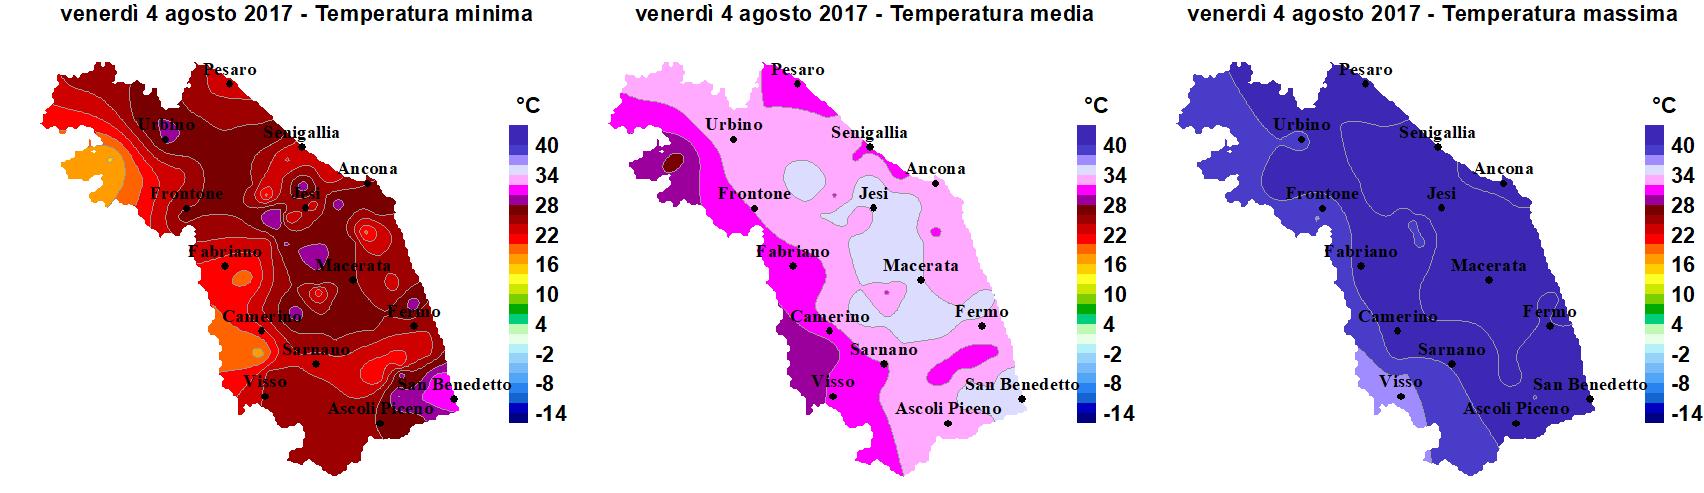 Meteo ASSAM Marche - temperatura 4 agosto 2017